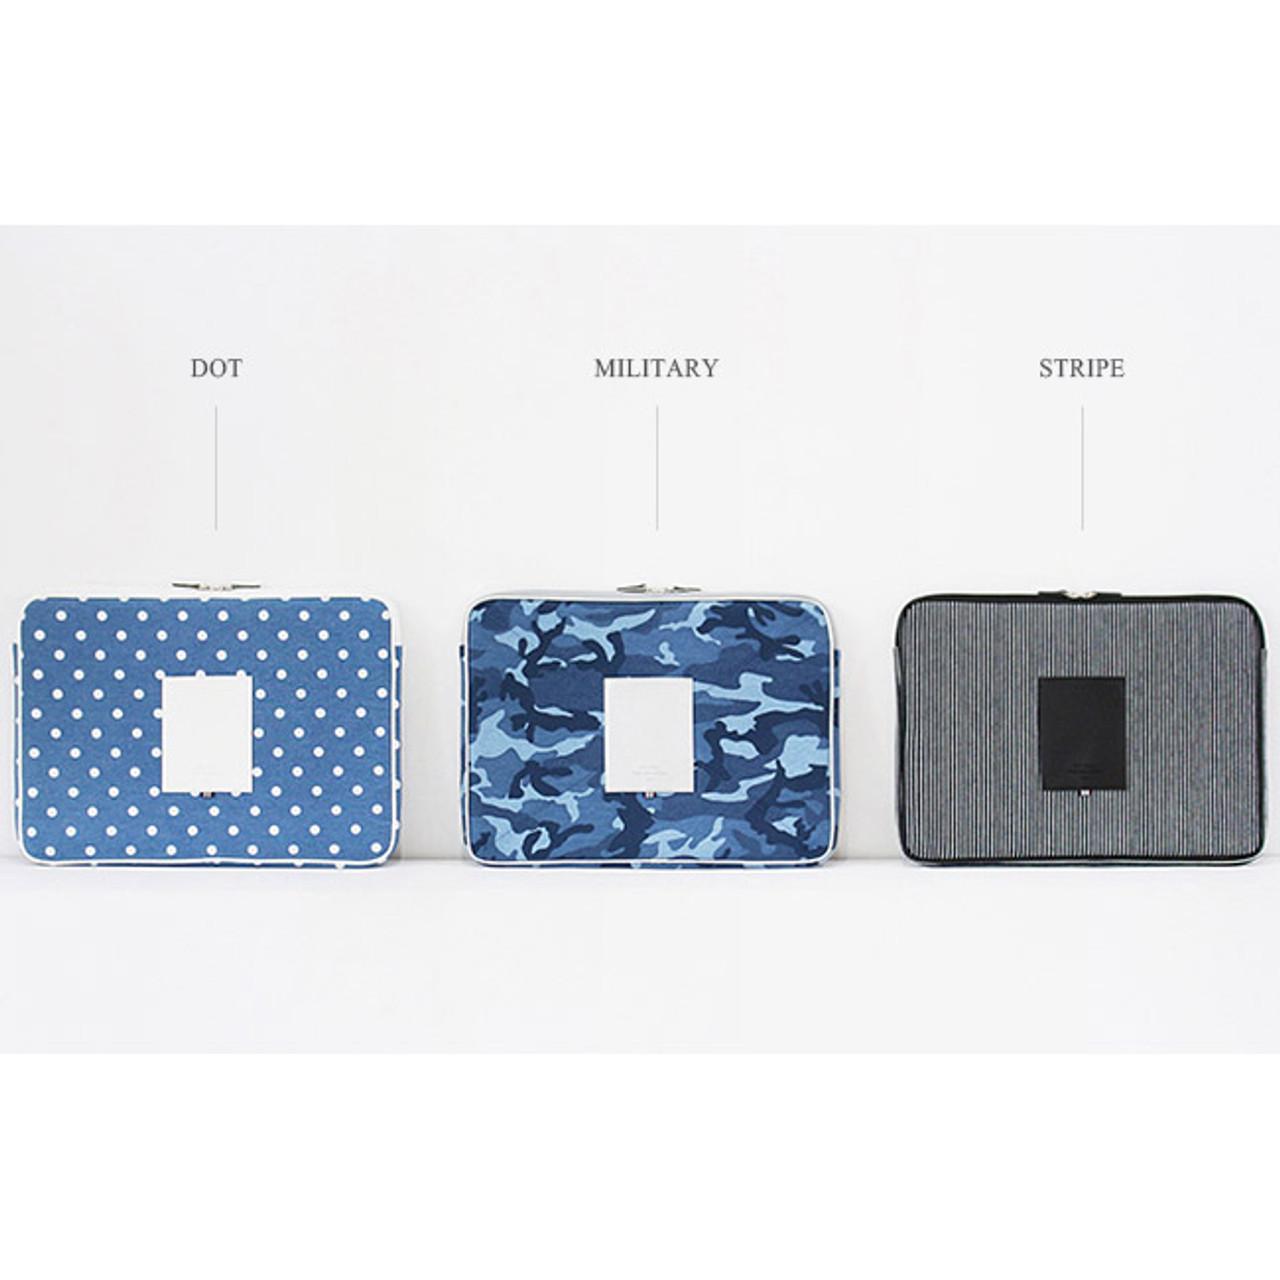 Indigo The Basic Cotton Denim Laptop Pouch Case 13 Inch Ver 2